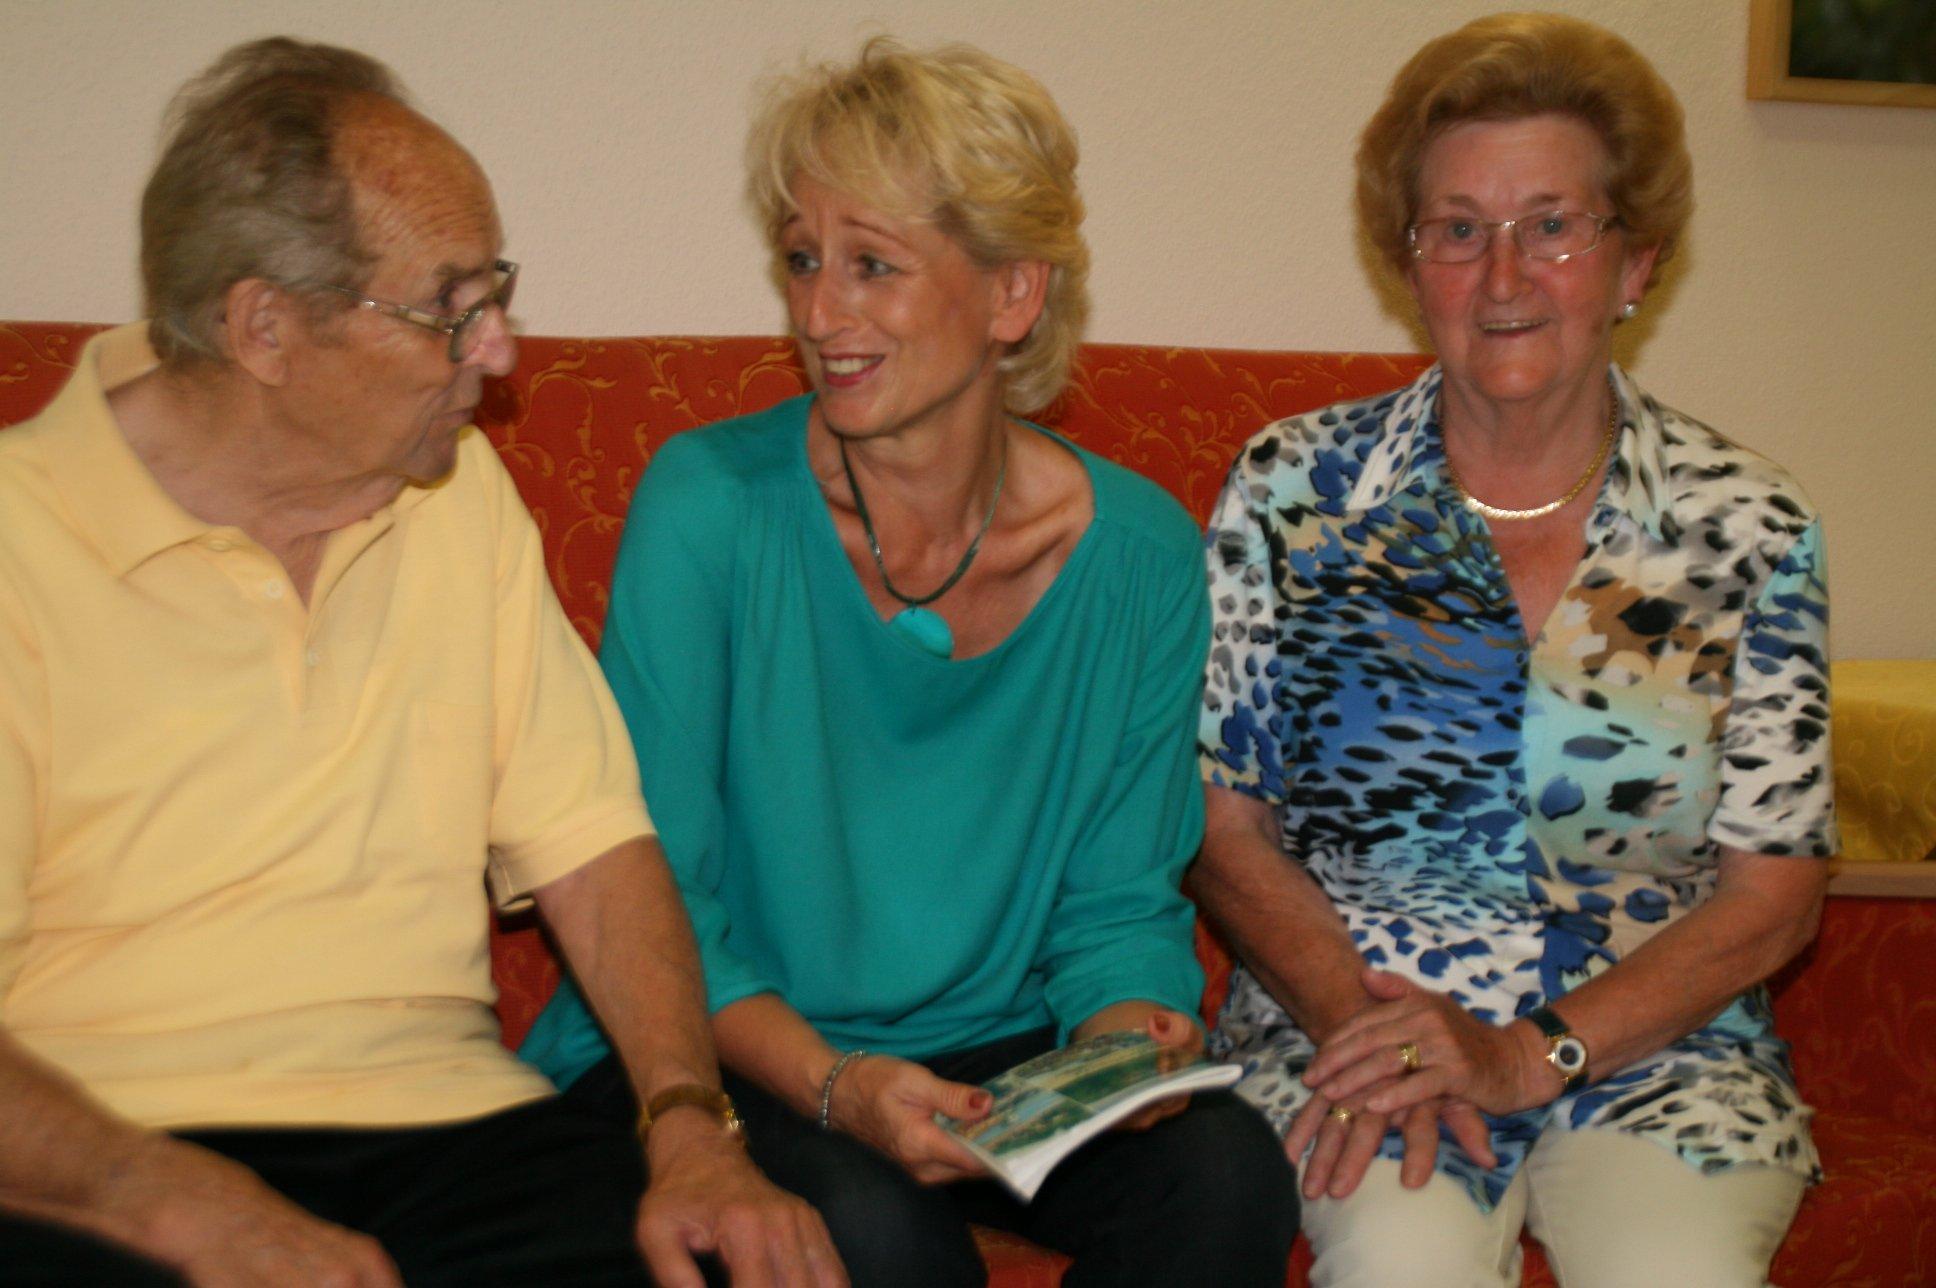 seniorenbetreuung-muenchen-lebensfreude-66-plus-paarbetreuung